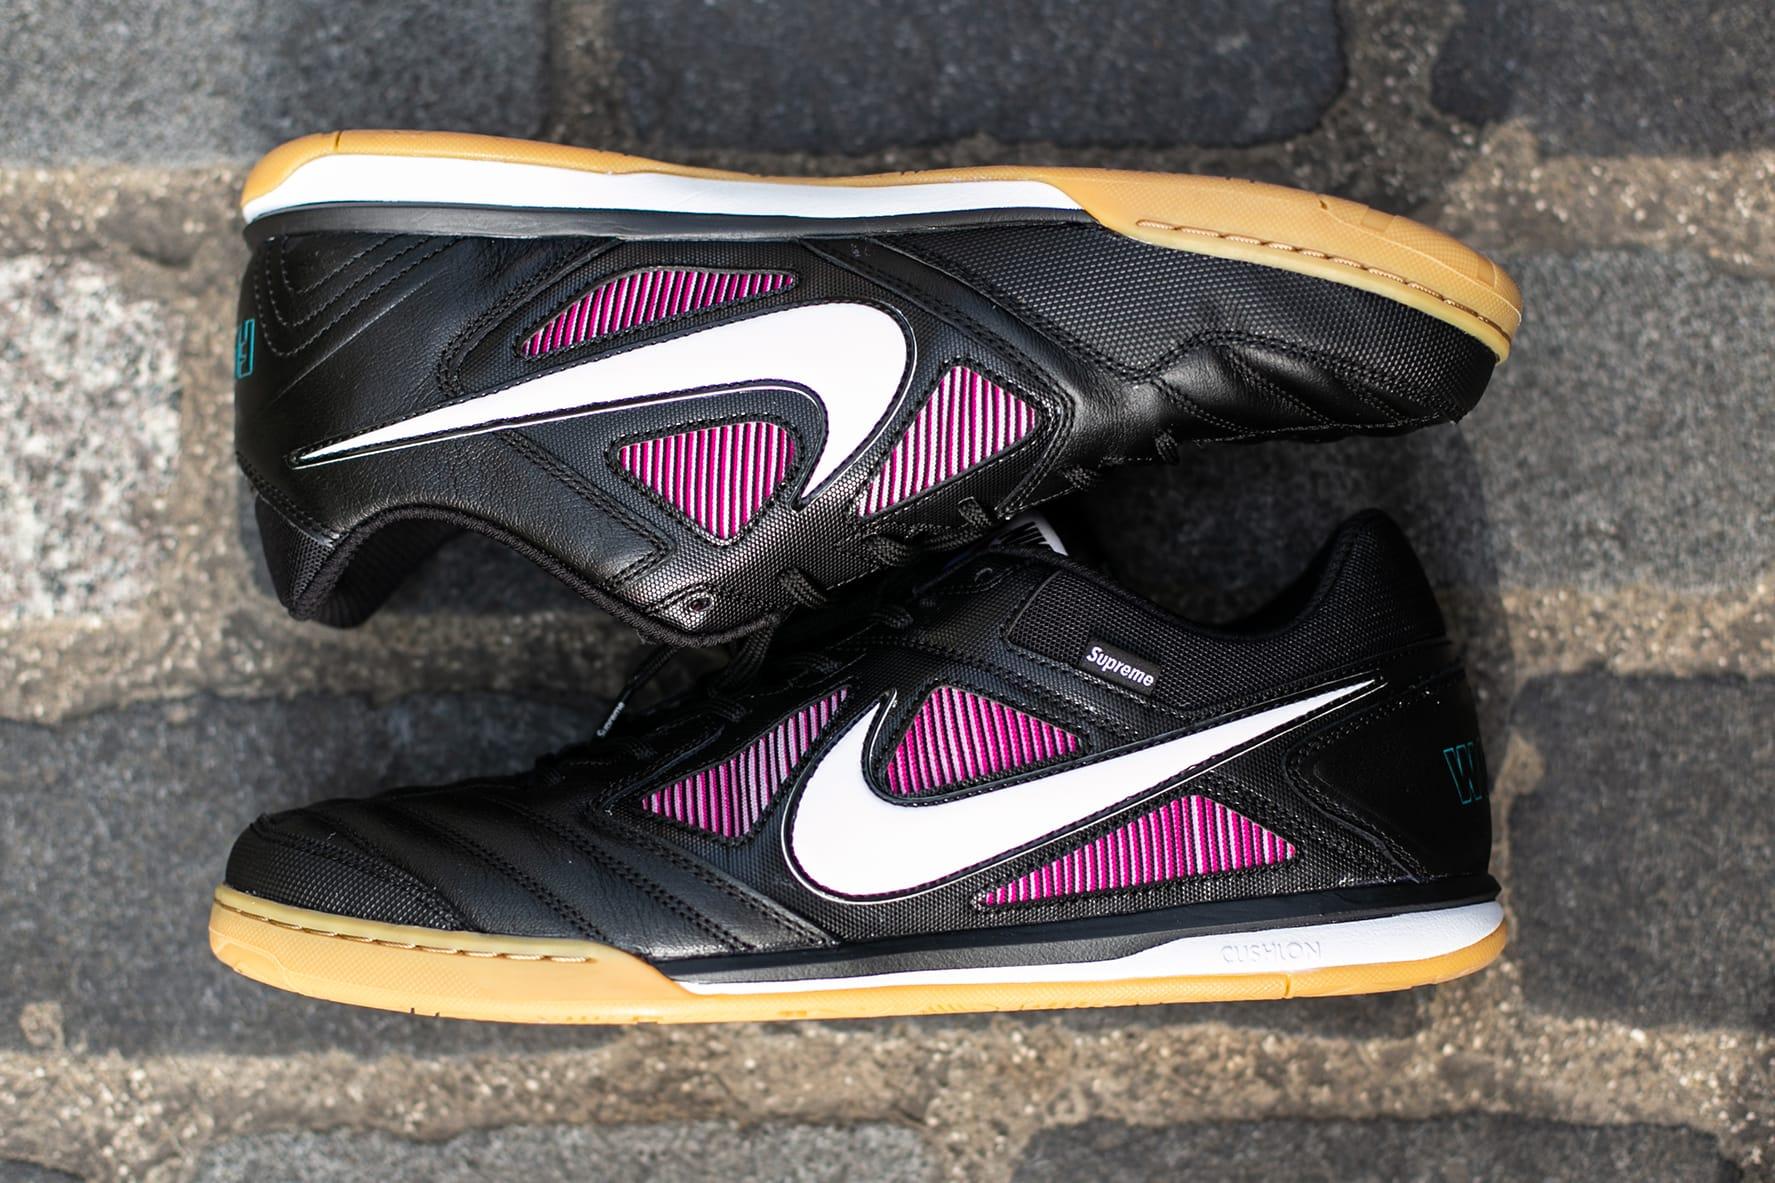 Supreme x Nike SB Gato Closer Look